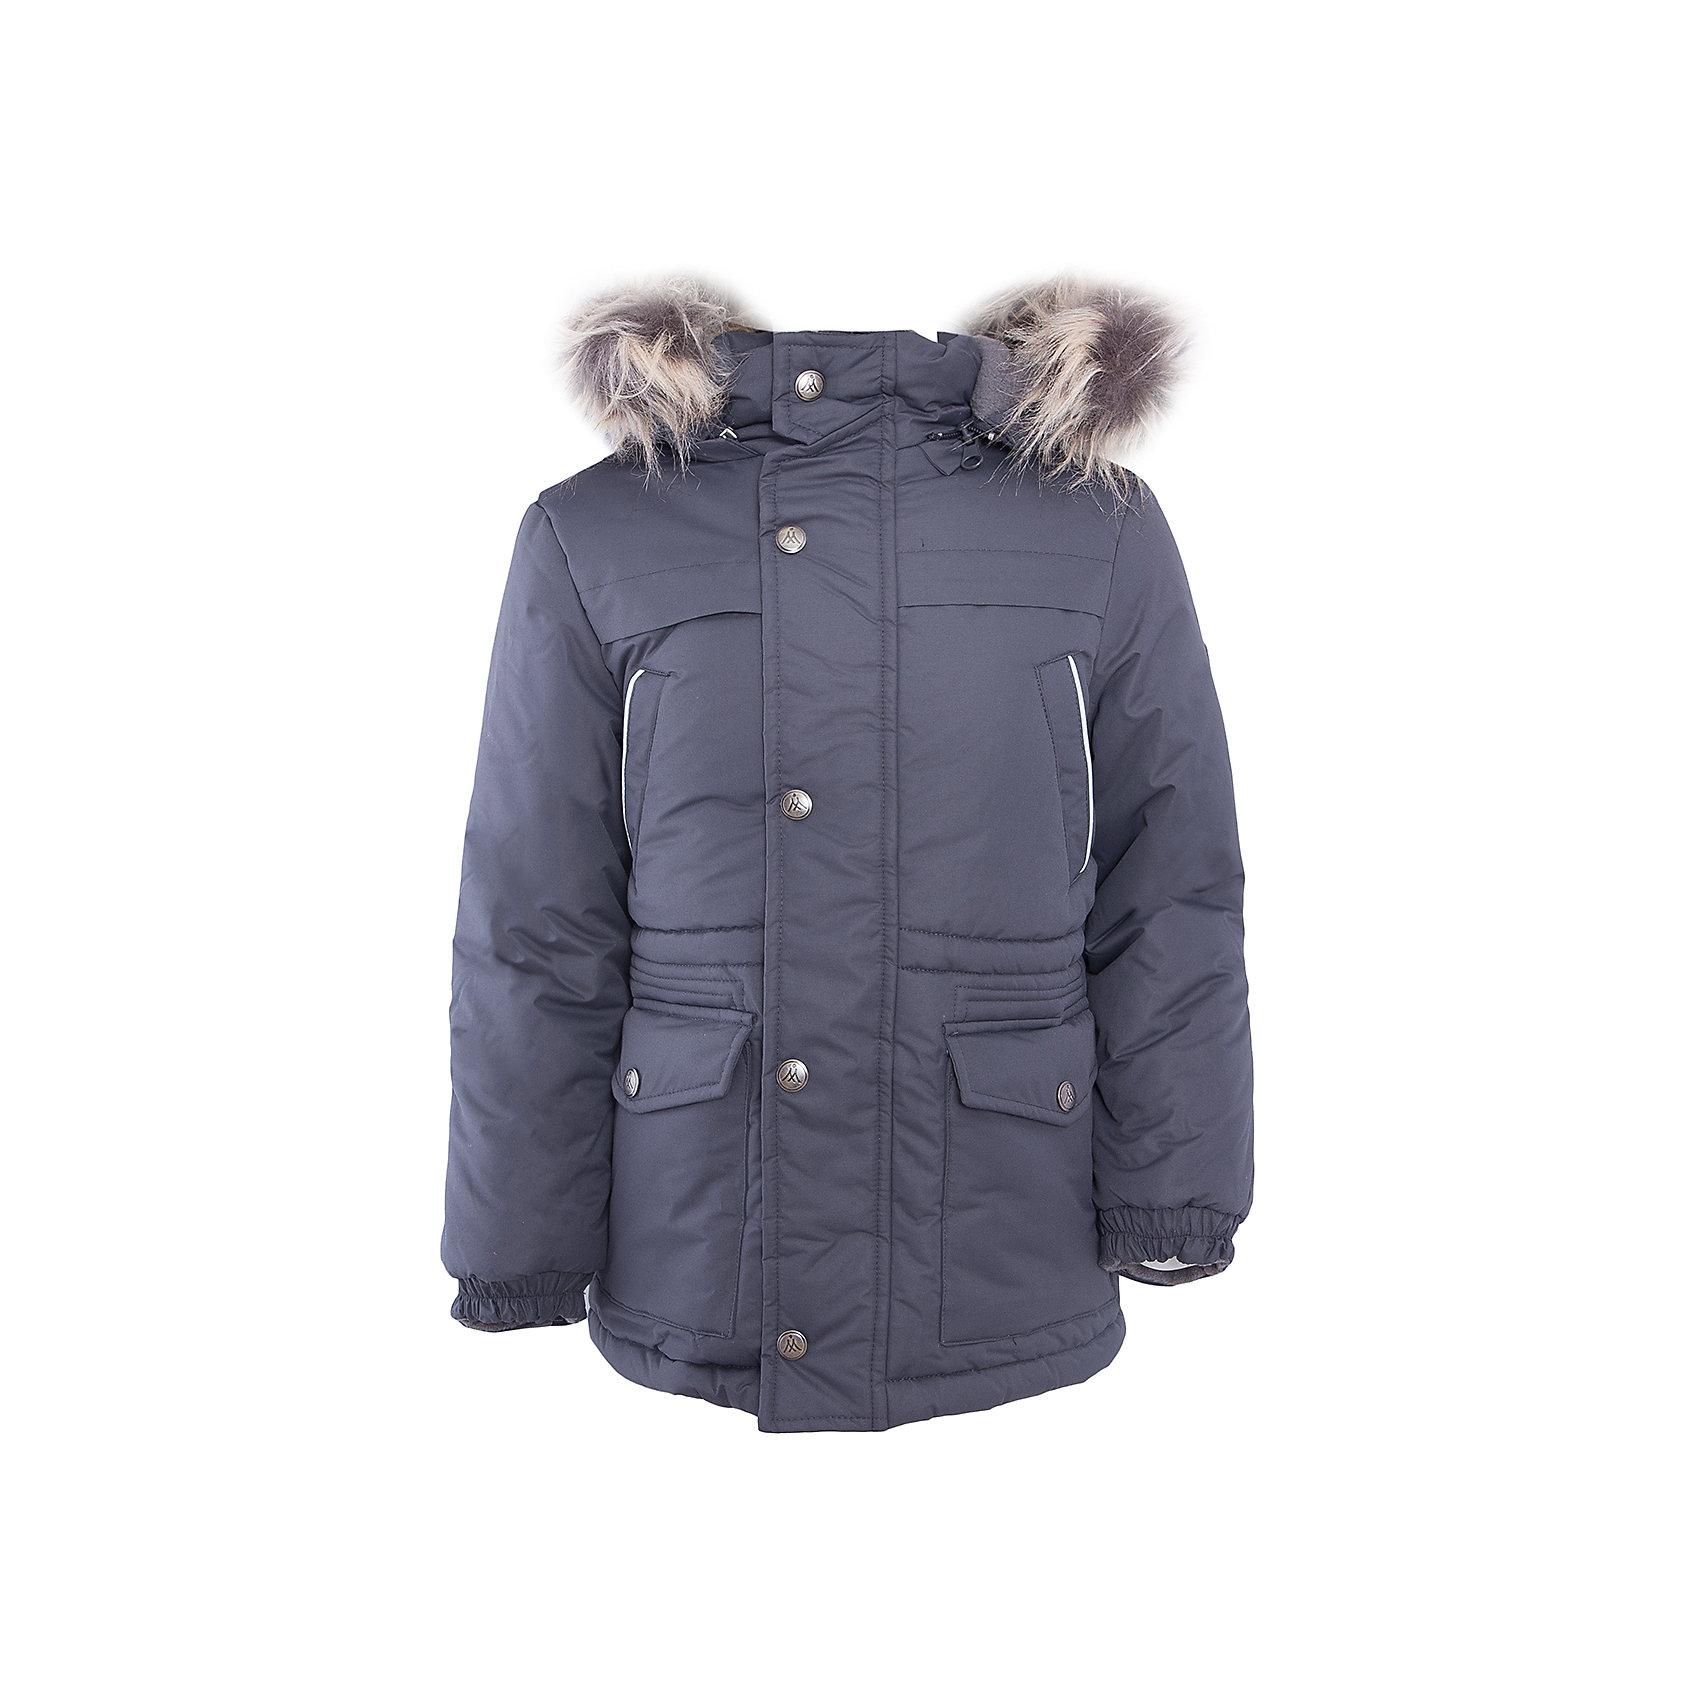 Куртка для мальчика PremontВерхняя одежда<br>Куртка для мальчика от известного бренда Premont.<br>Фанди – это невероятной красоты залив, омывающий побережье Канады. Этот залив известен своими самыми высокими приливами в мире, в зависимости от них заливменяет свой цвет. Парки принта «Воды Фанди» как раз отражают эти природные изменения и представлены в графитово-сером и в цвете темной охры.<br>Брюки до 6 лет идут с высокой грудкой, после 6 лет - с отстегивающейся спинкой.<br>Состав:<br>Ткань верха: мембрана 5000мм/5000г/м2/24h, Taslan<br>Подклад: Polarfleece (тело, капюшон, манжеты), Taffeta (рукава)<br>Утеплитель: Tech-polyfill (куртка 280г)<br><br>Ширина мм: 356<br>Глубина мм: 10<br>Высота мм: 245<br>Вес г: 519<br>Цвет: серый<br>Возраст от месяцев: 156<br>Возраст до месяцев: 168<br>Пол: Мужской<br>Возраст: Детский<br>Размер: 164,110,116,122,128,134,140,146,152,158<br>SKU: 4996867